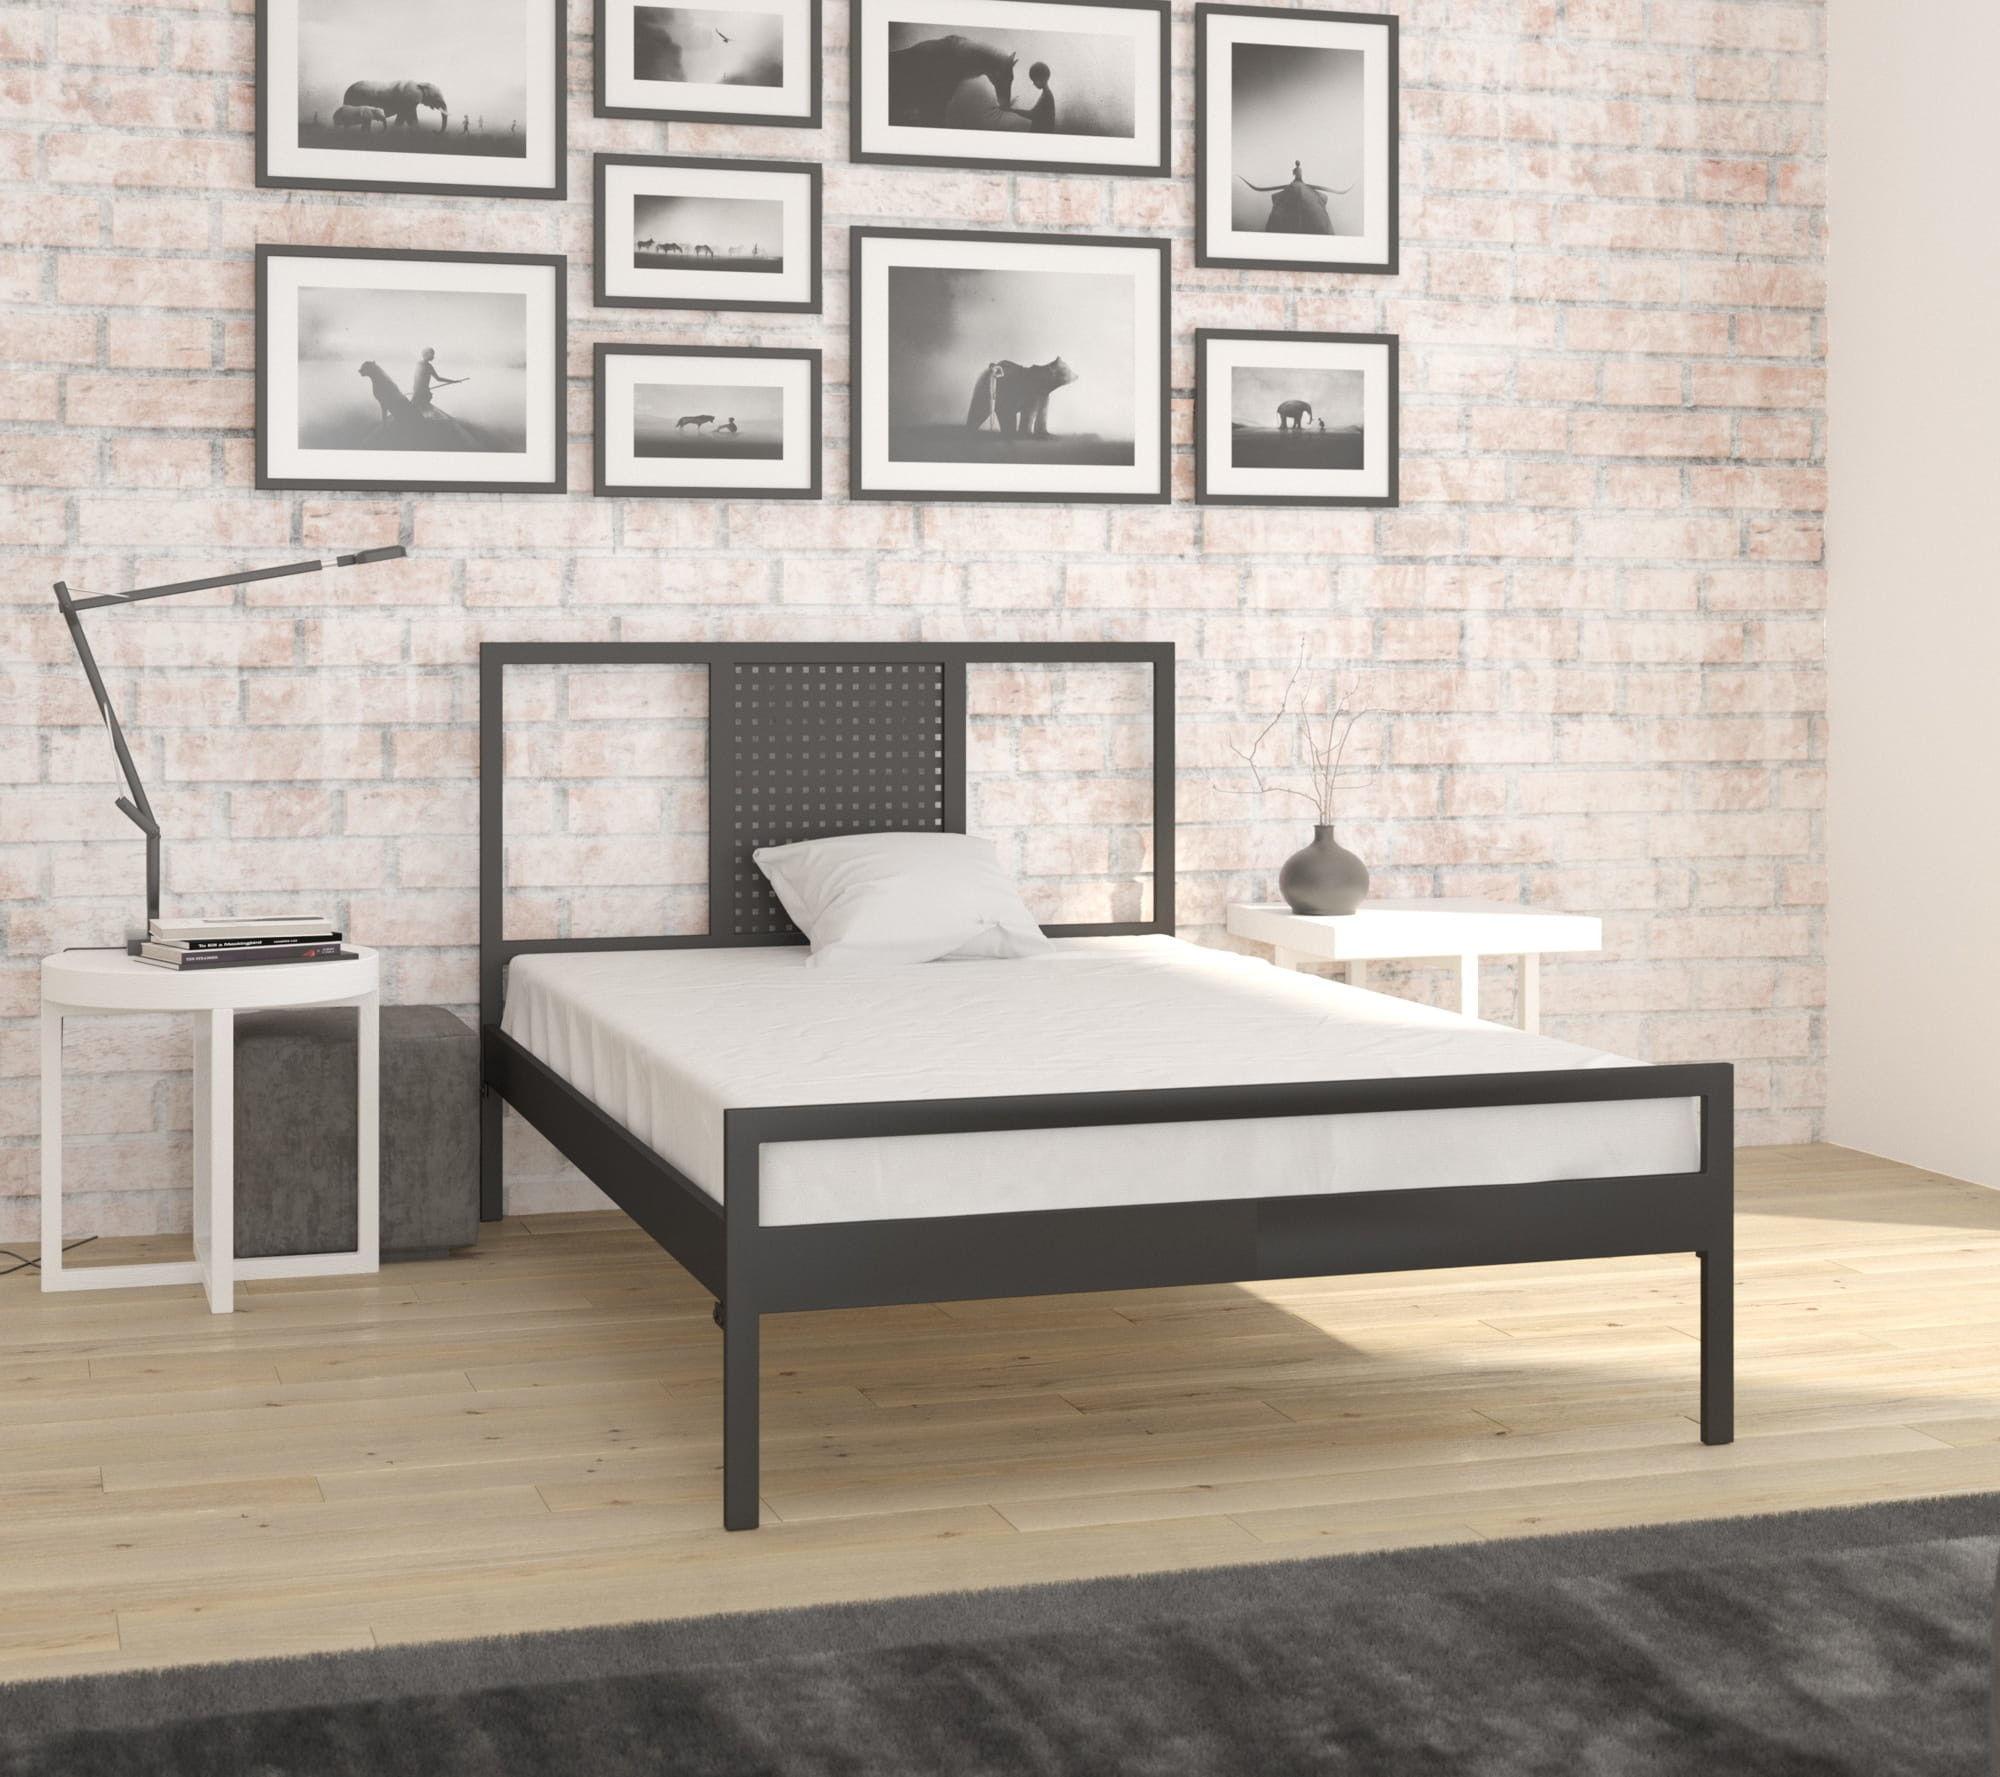 łóżko metalowe Lak System 120x200 wzór 41 ze stelażem